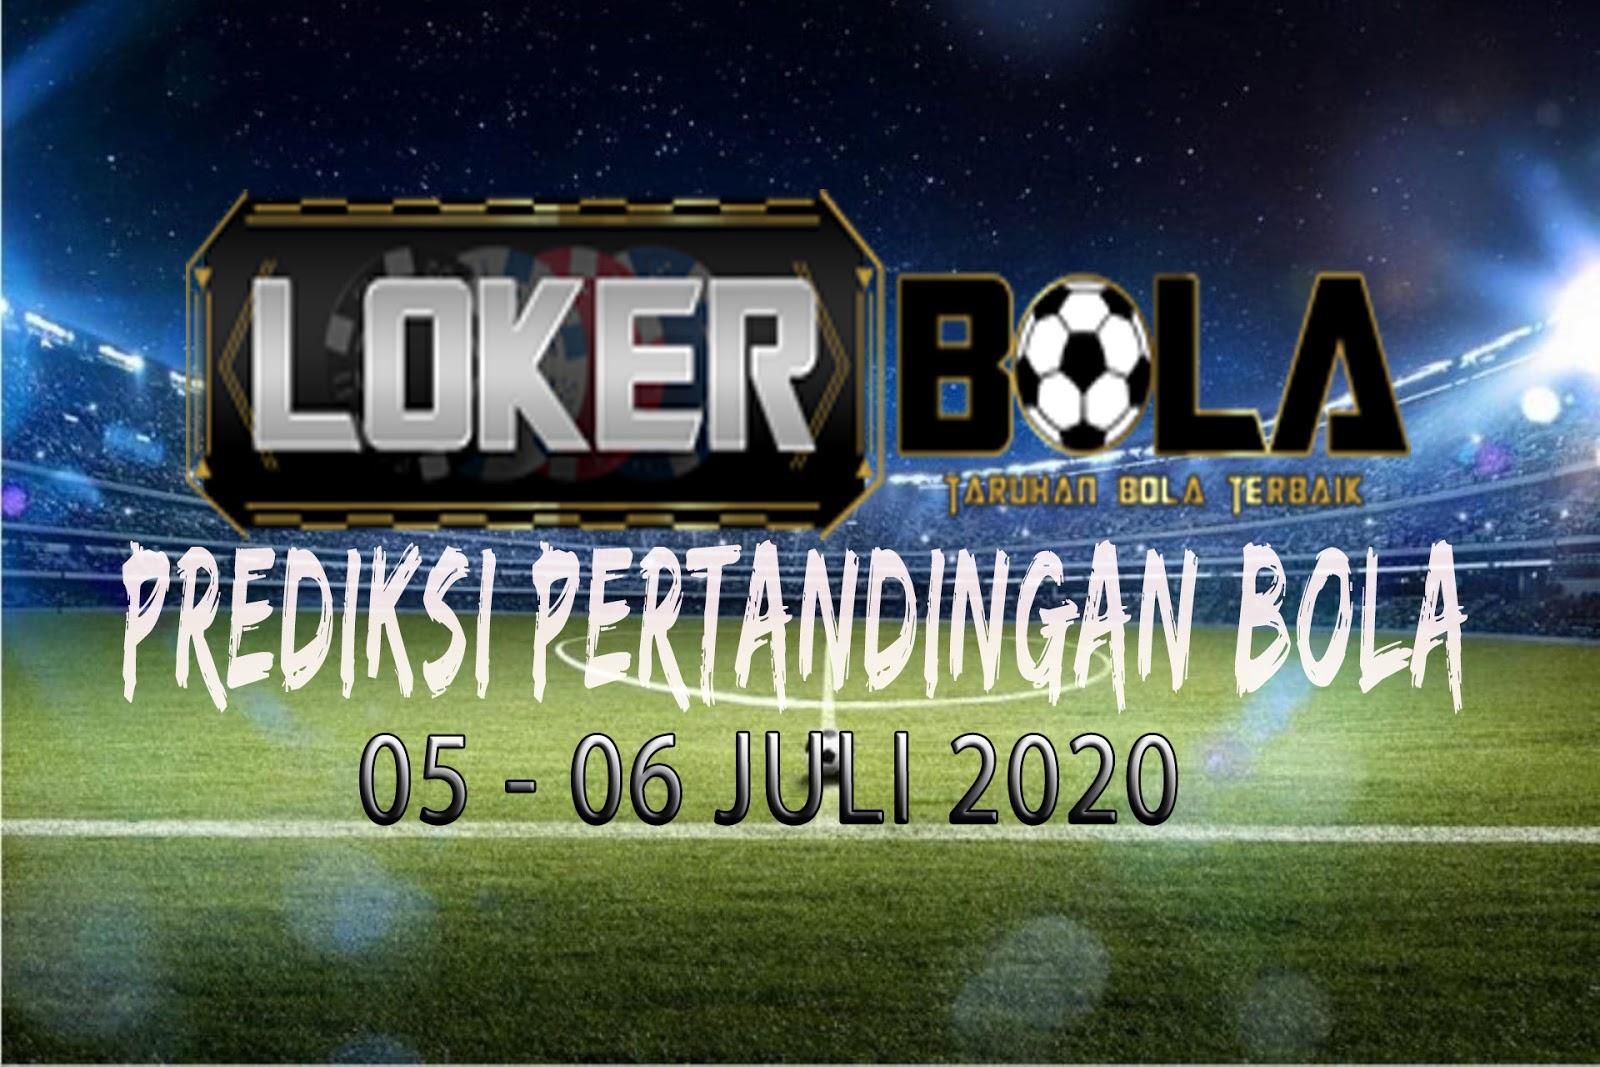 PREDIKSI PERTANDINGAN BOLA 05 – 06 JULI 2020